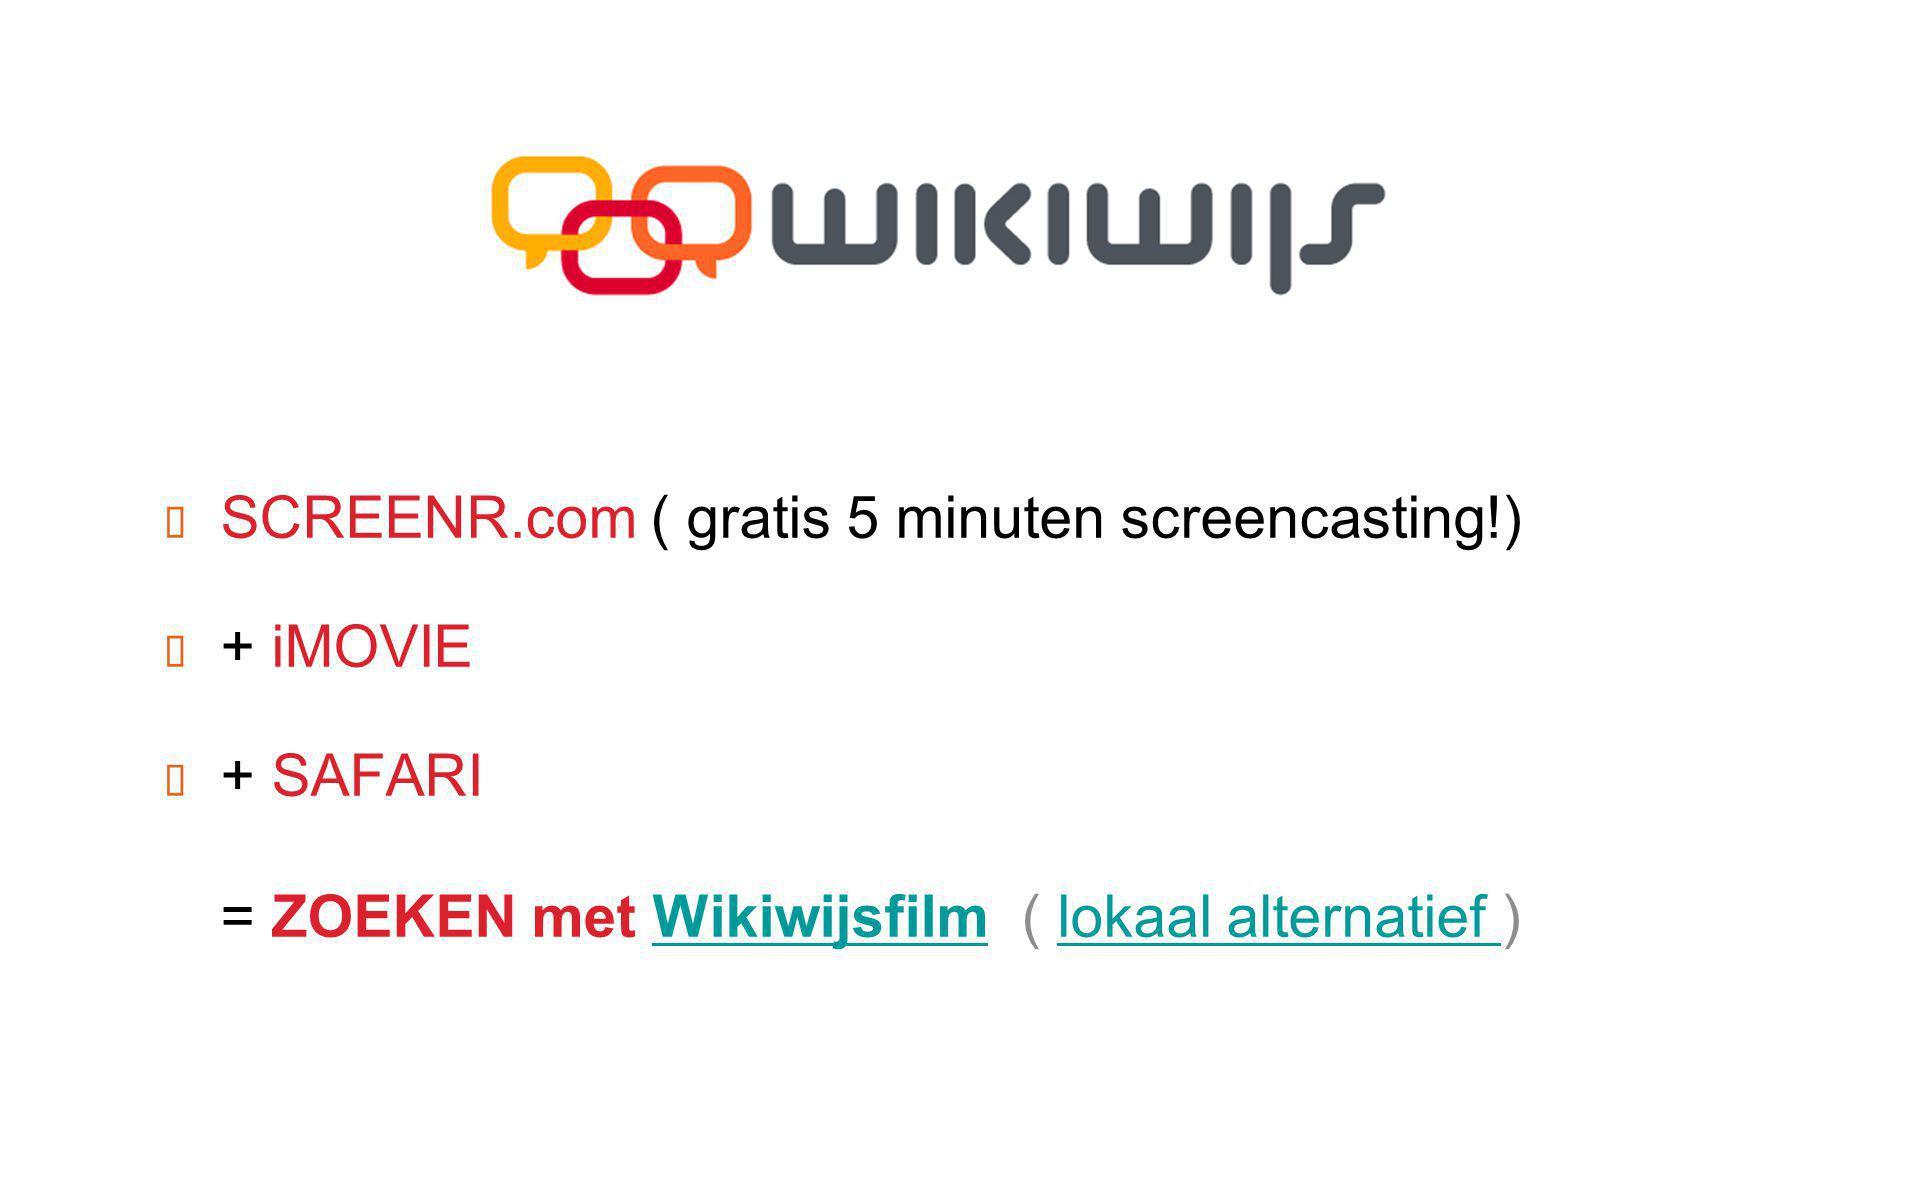 ✦ SCREENR.com ( gratis 5 minuten screencasting!) ✦ + iMOVIE ✦ + SAFARI = ZOEKEN met Wikiwijsfilm ( lokaal alternatief )Wikiwijsfilmlokaal alternatief